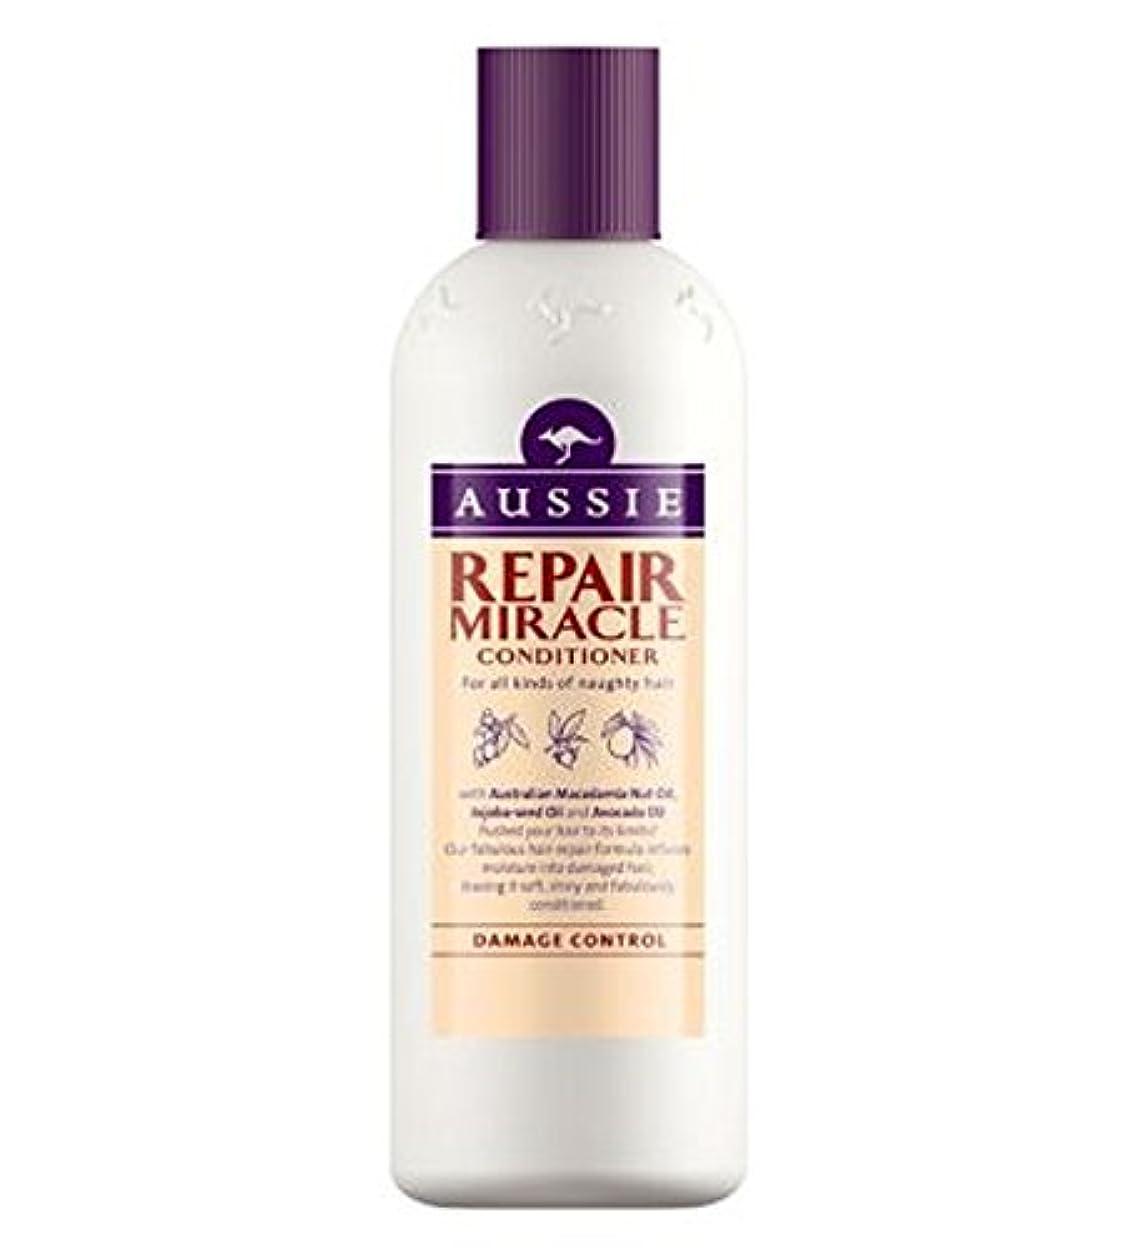 規則性ウッズファンネルウェブスパイダーAussie Conditioner Repair Miracle for All Kinds of Naughty Hair 400ml - いたずらヘア400ミリリットルのすべての種類のオージーエアコンの修理の奇跡...